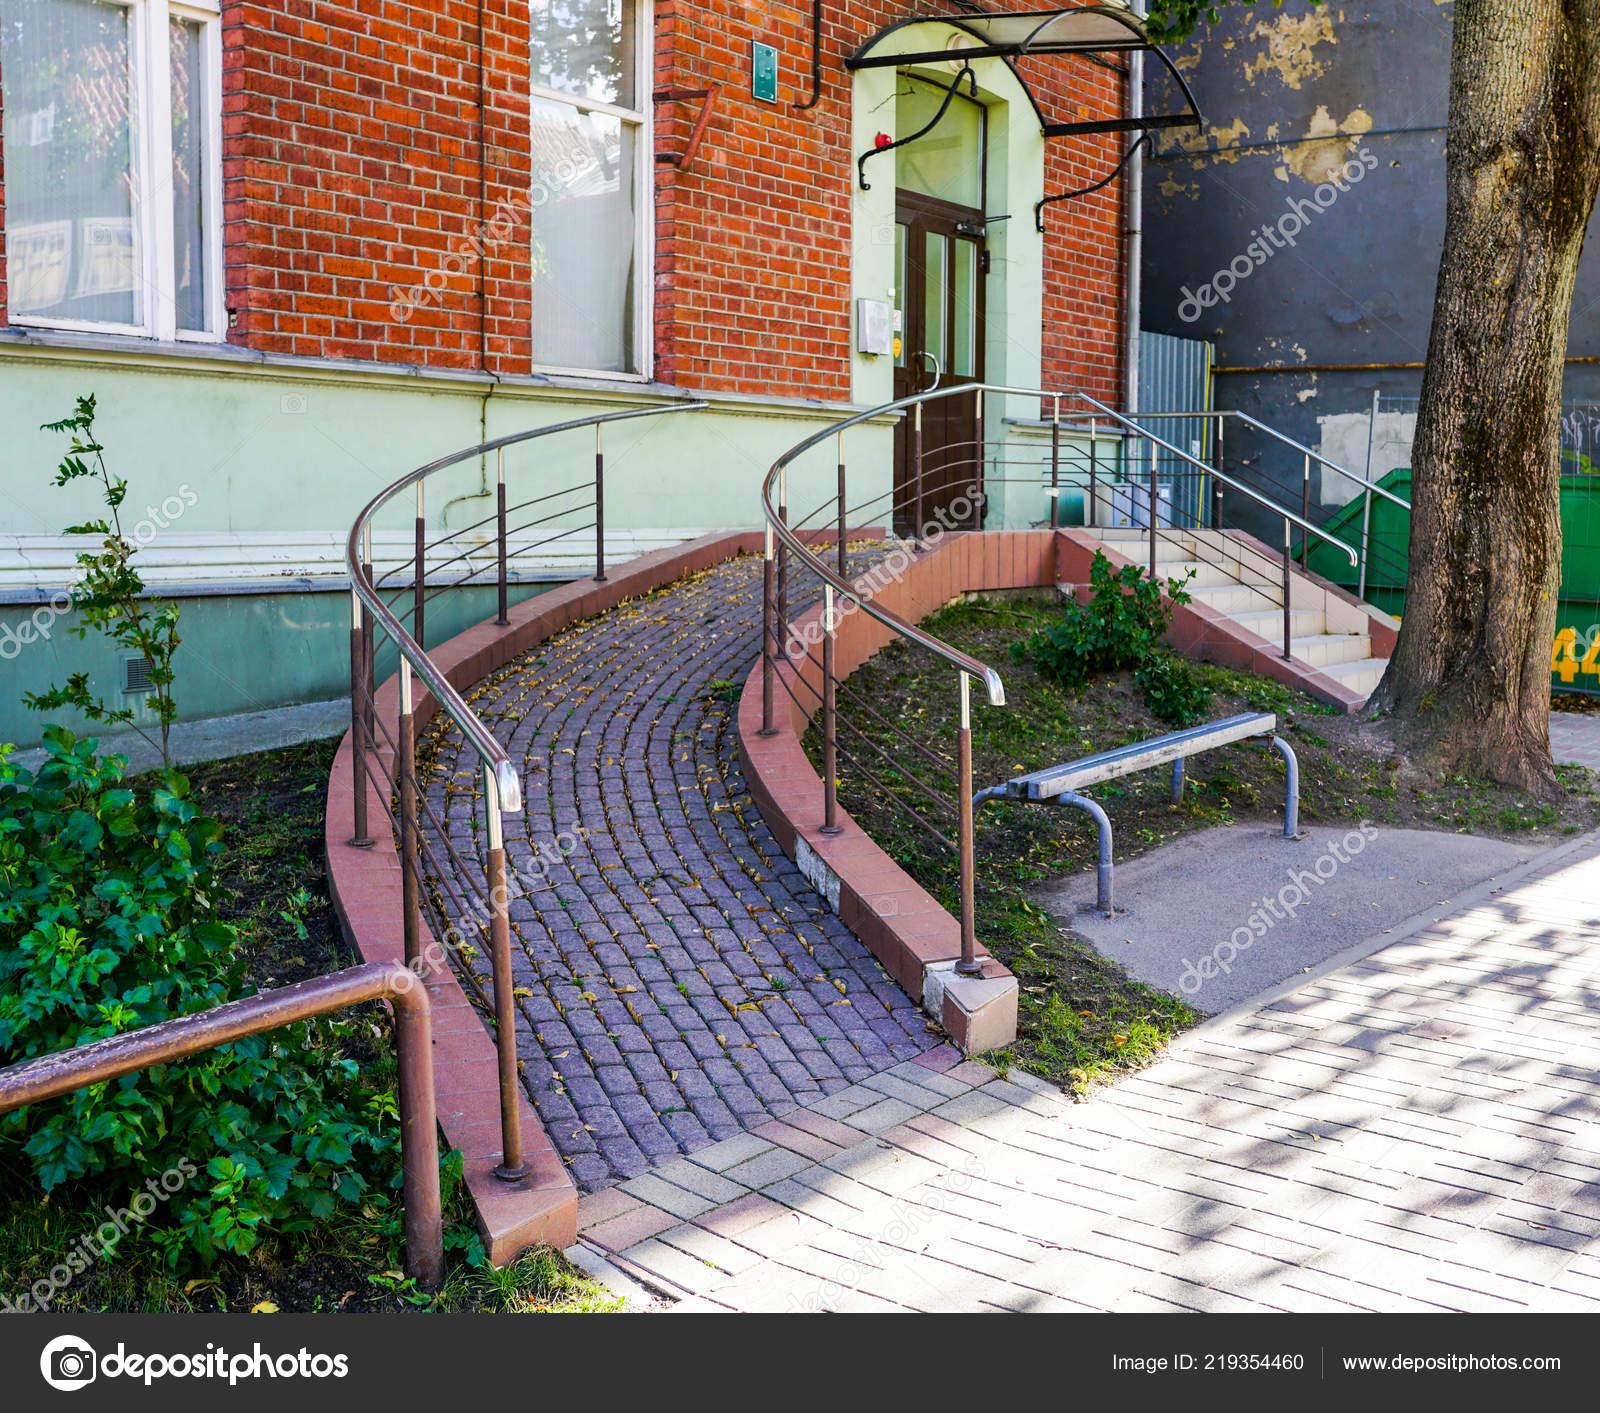 Extrem Eingang Mit Rampe Für Behinderte Rollstuhl Bauen — Stockfoto KO96